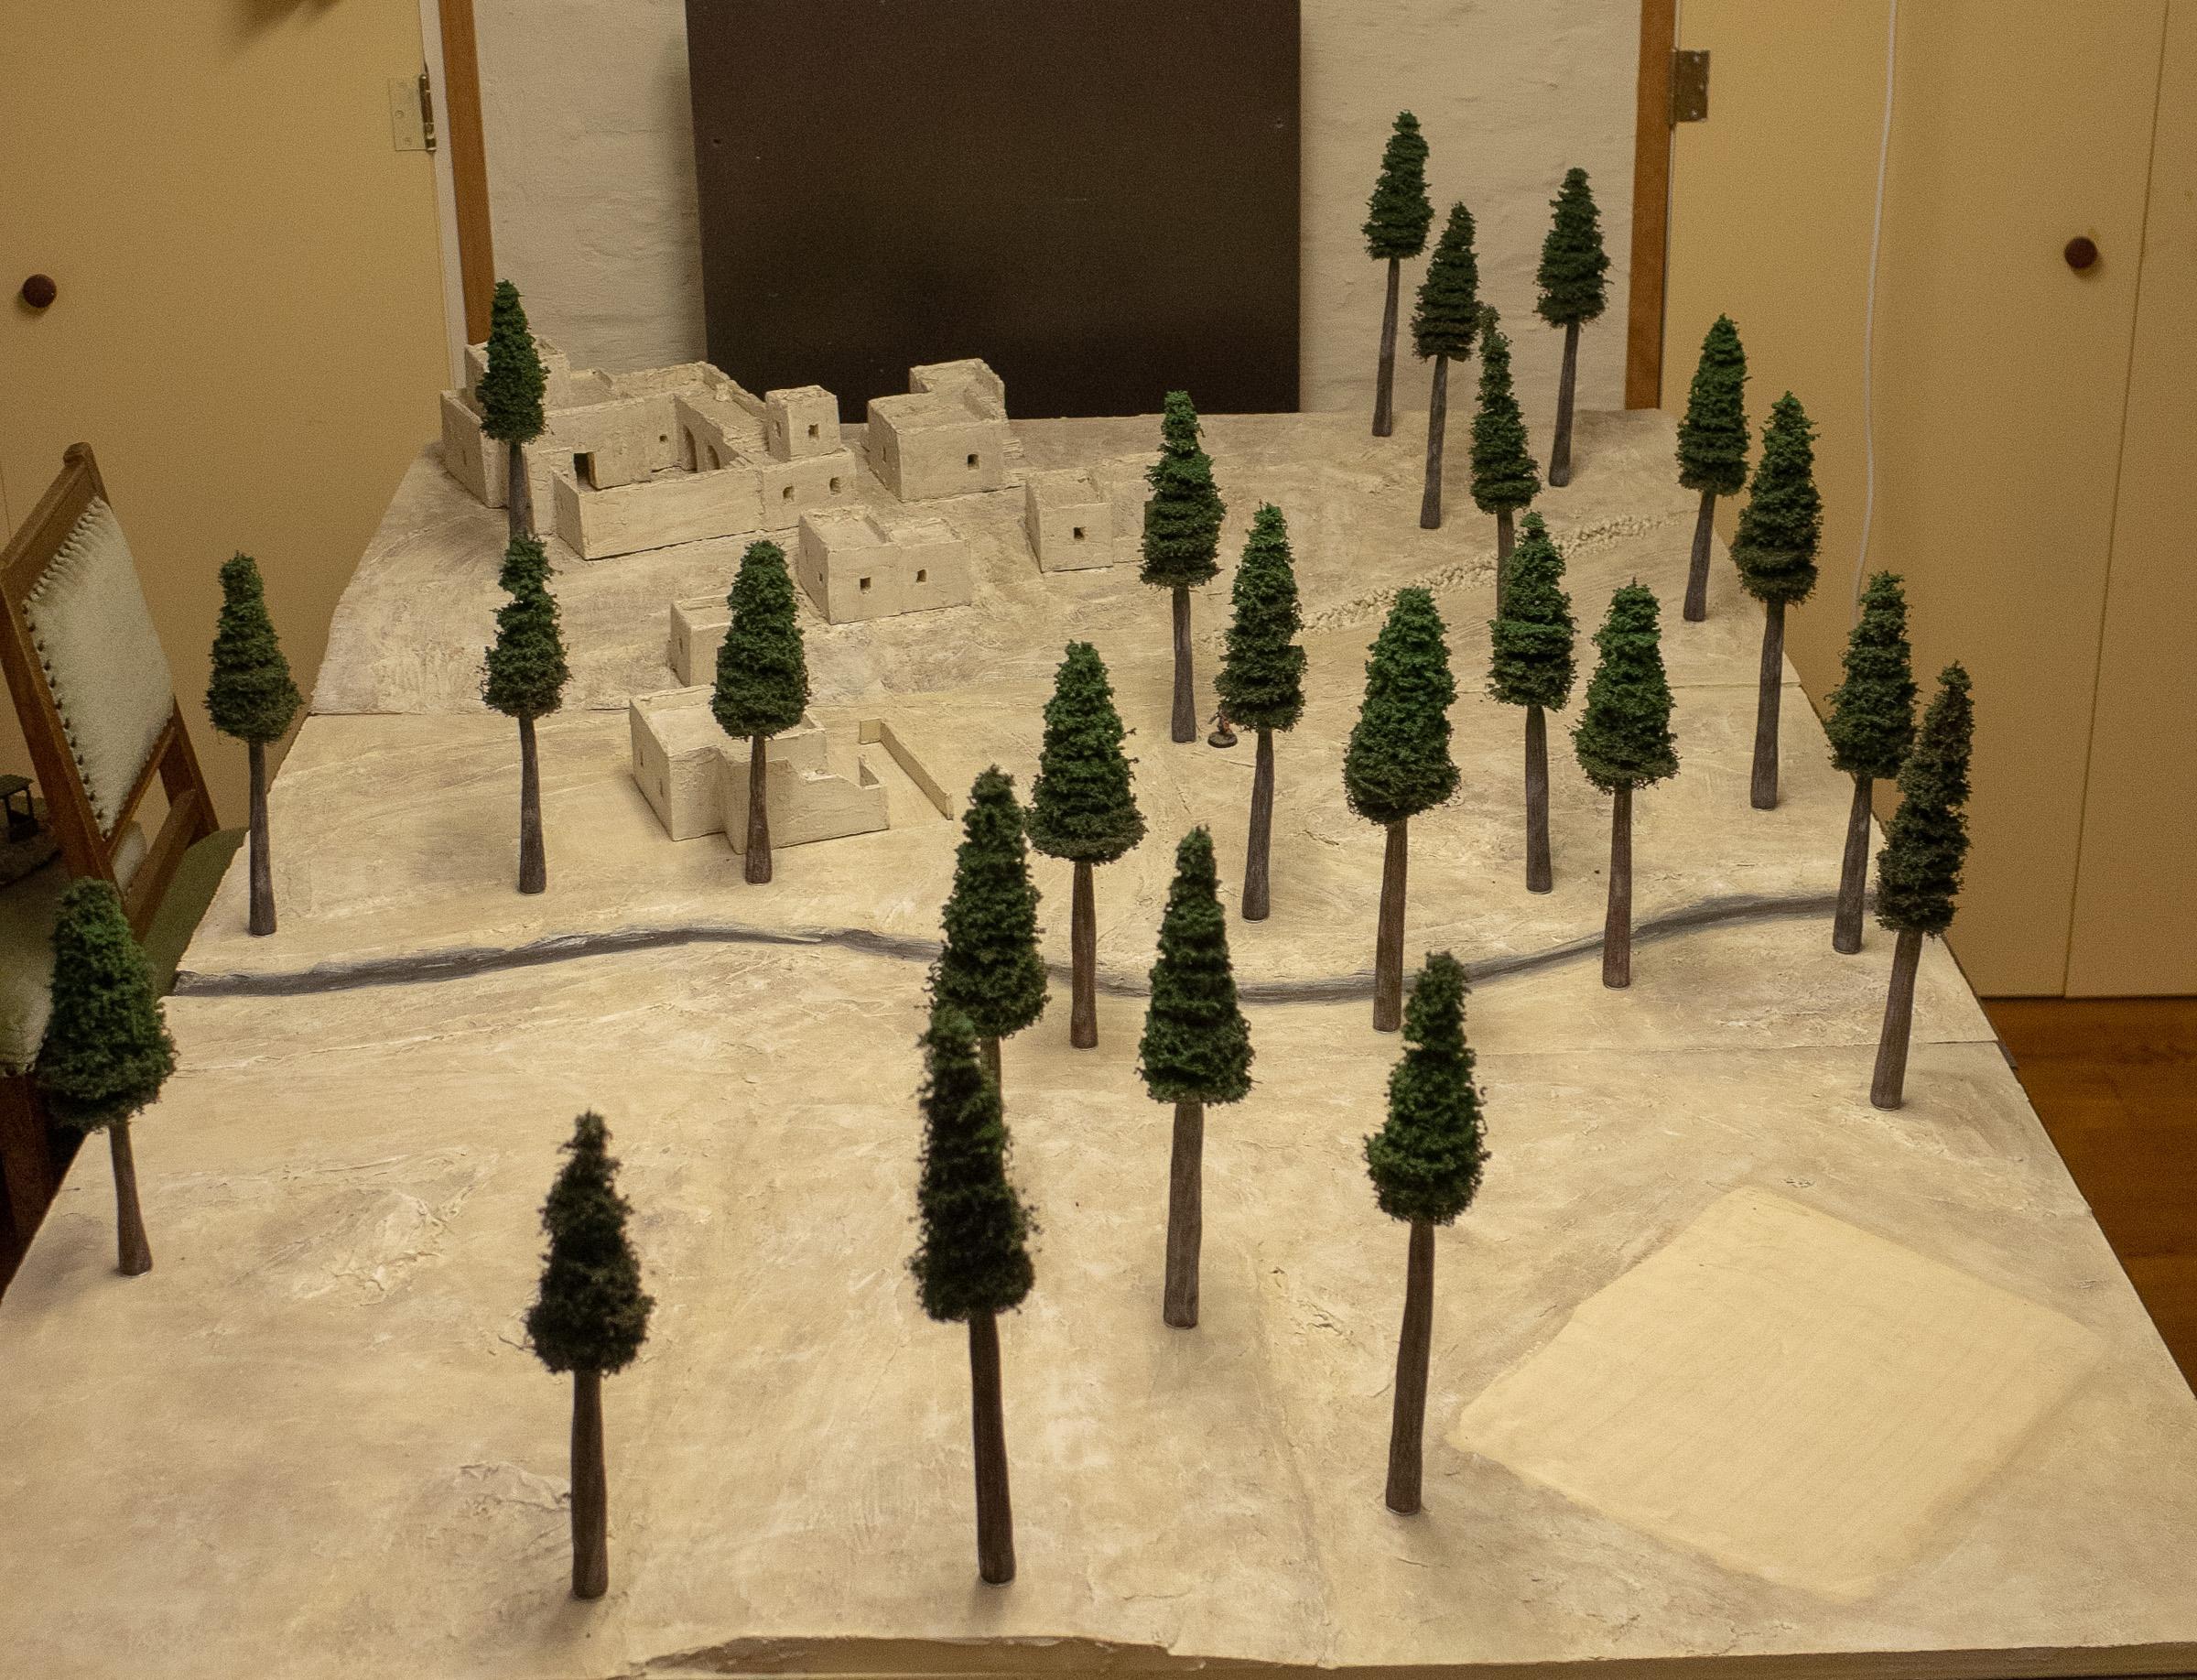 Forest, Maelstrom's Edge, Terrain, Trees